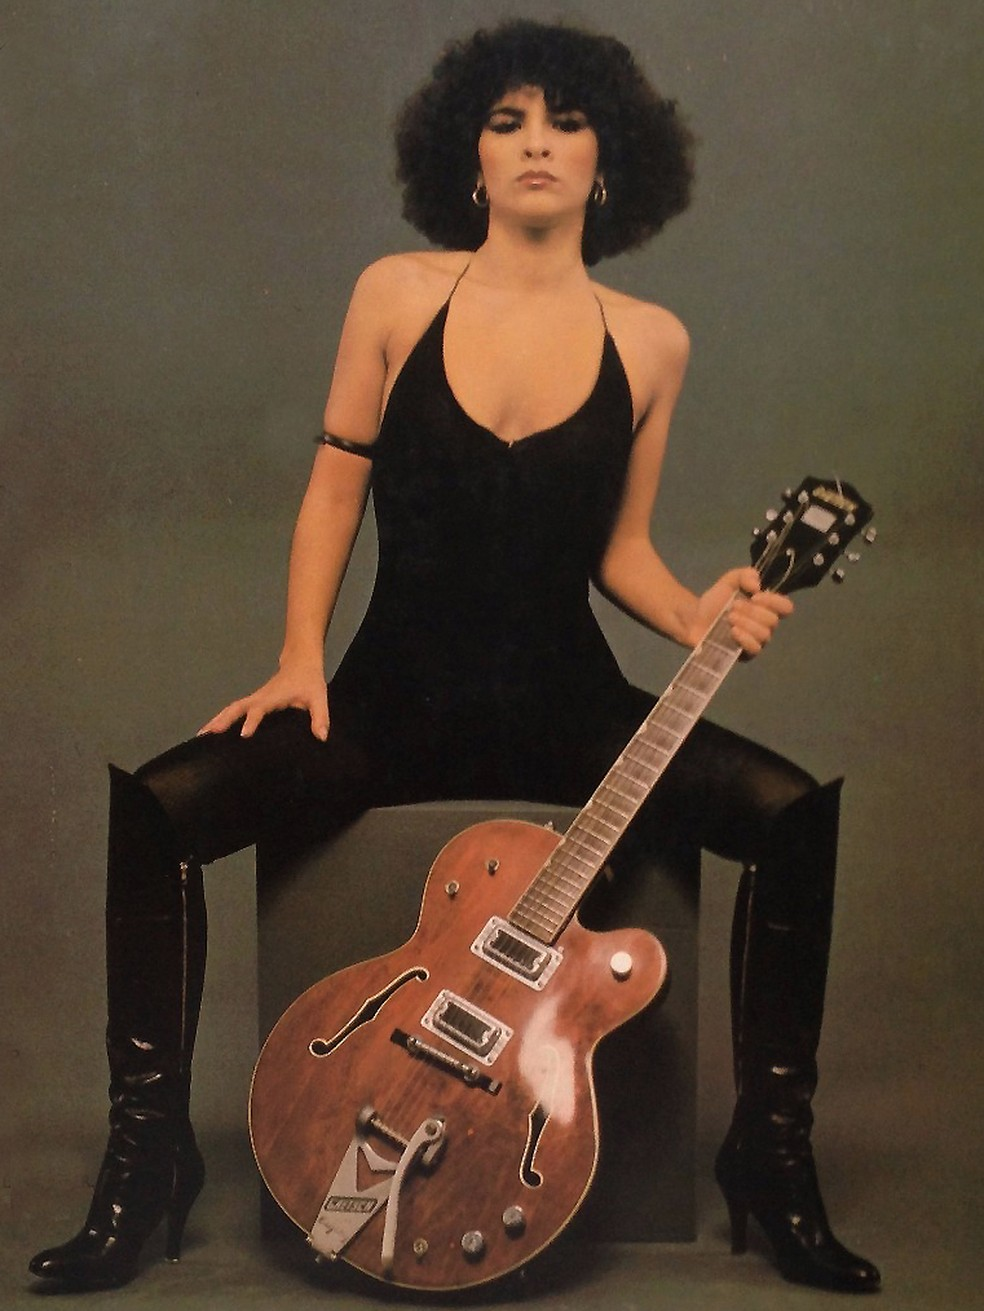 Marina Lima posa com a guitarra em foto da contracapa do primeiro álbum, 'Simples como fogo' — Foto: Antonio Guerreiro / Reprodução contracapa de disco